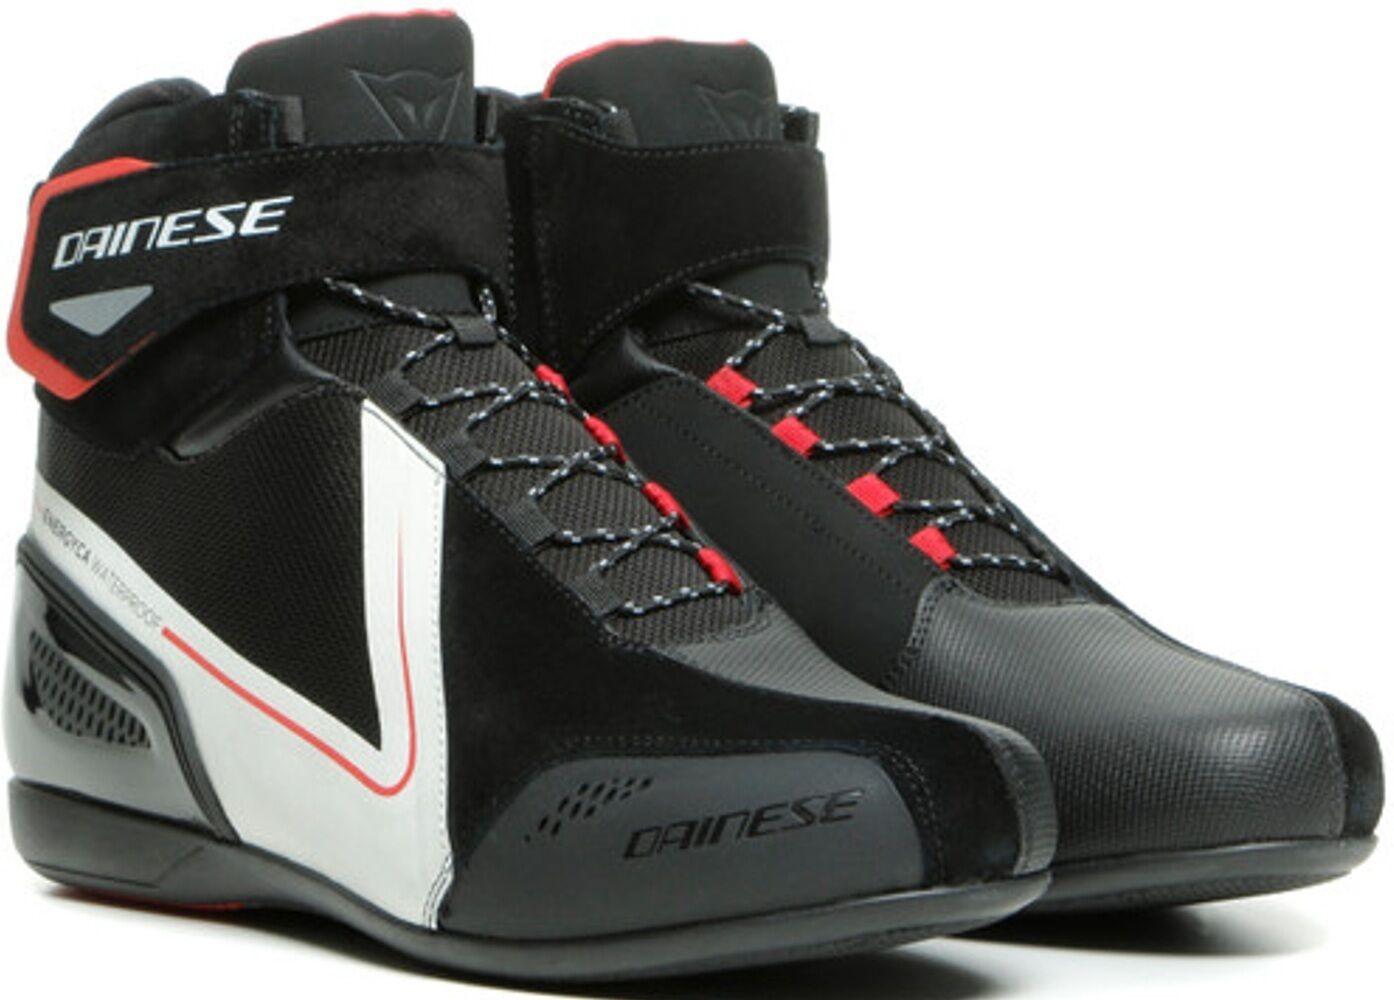 Dainese Energyca D-WP chaussures de moto imperméables à l'eau Noir Blanc taille : 44